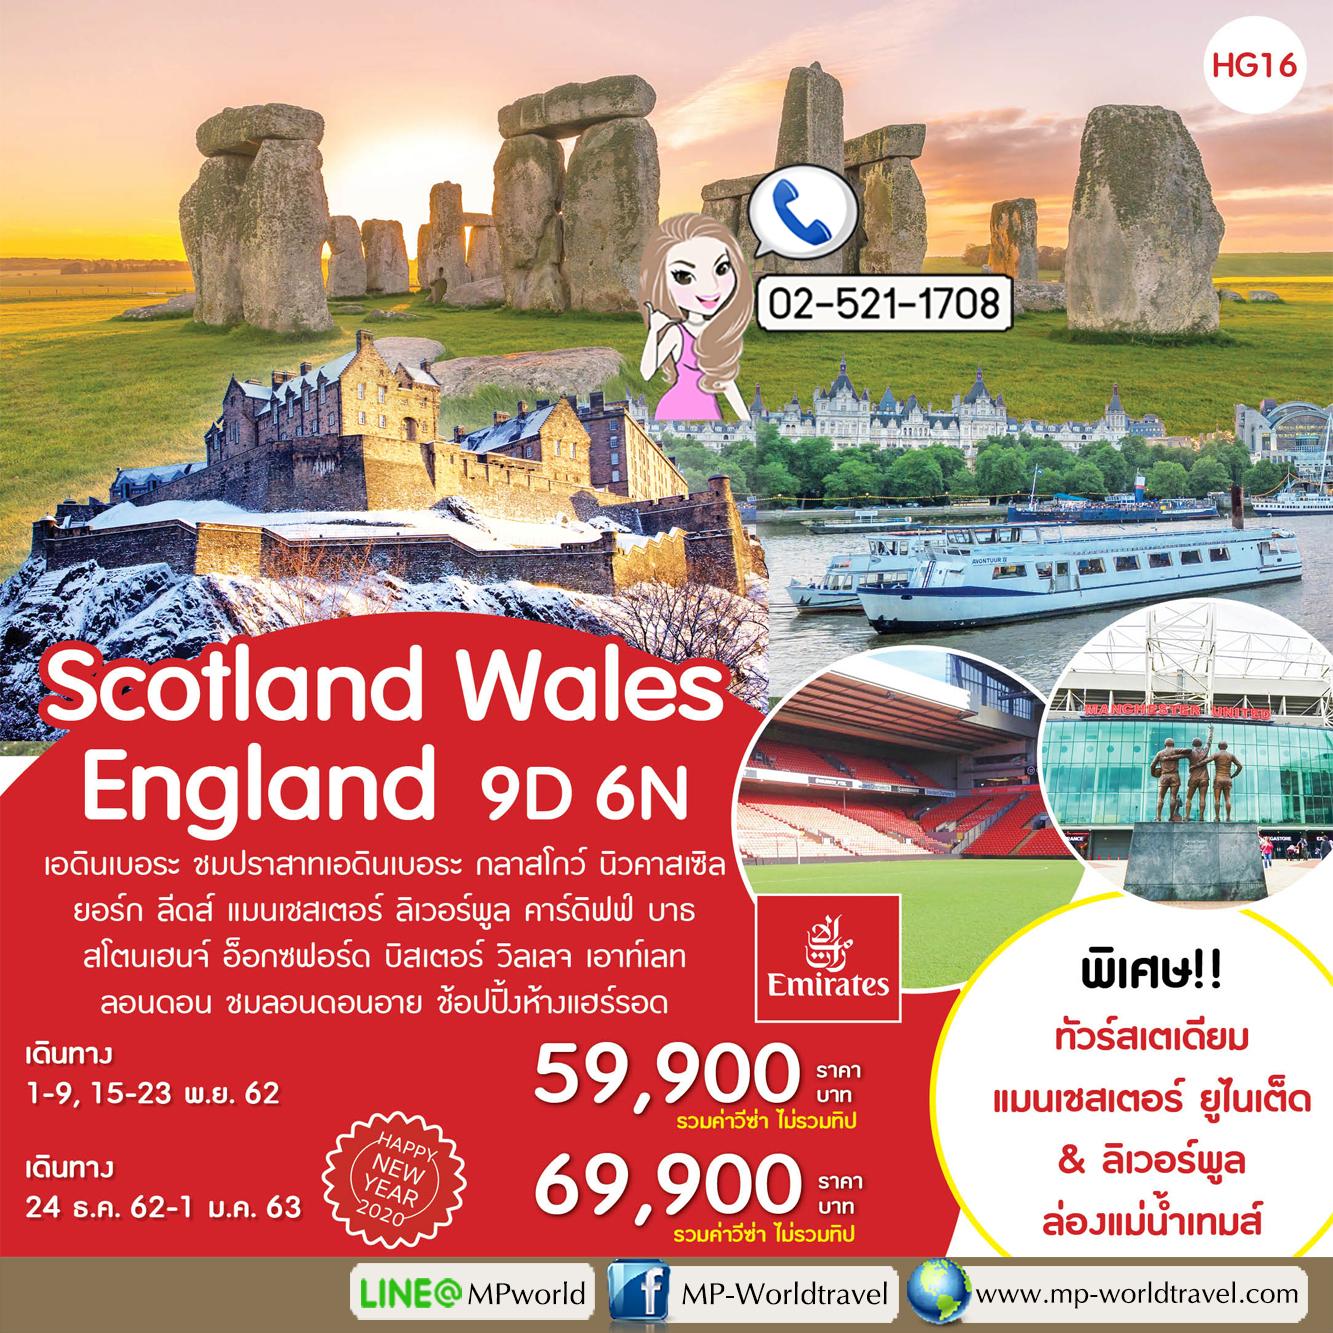 ทัวร์ยุโรป สก็อตแลนด์ เวลล์ อังกฤษ Scotland Wales England